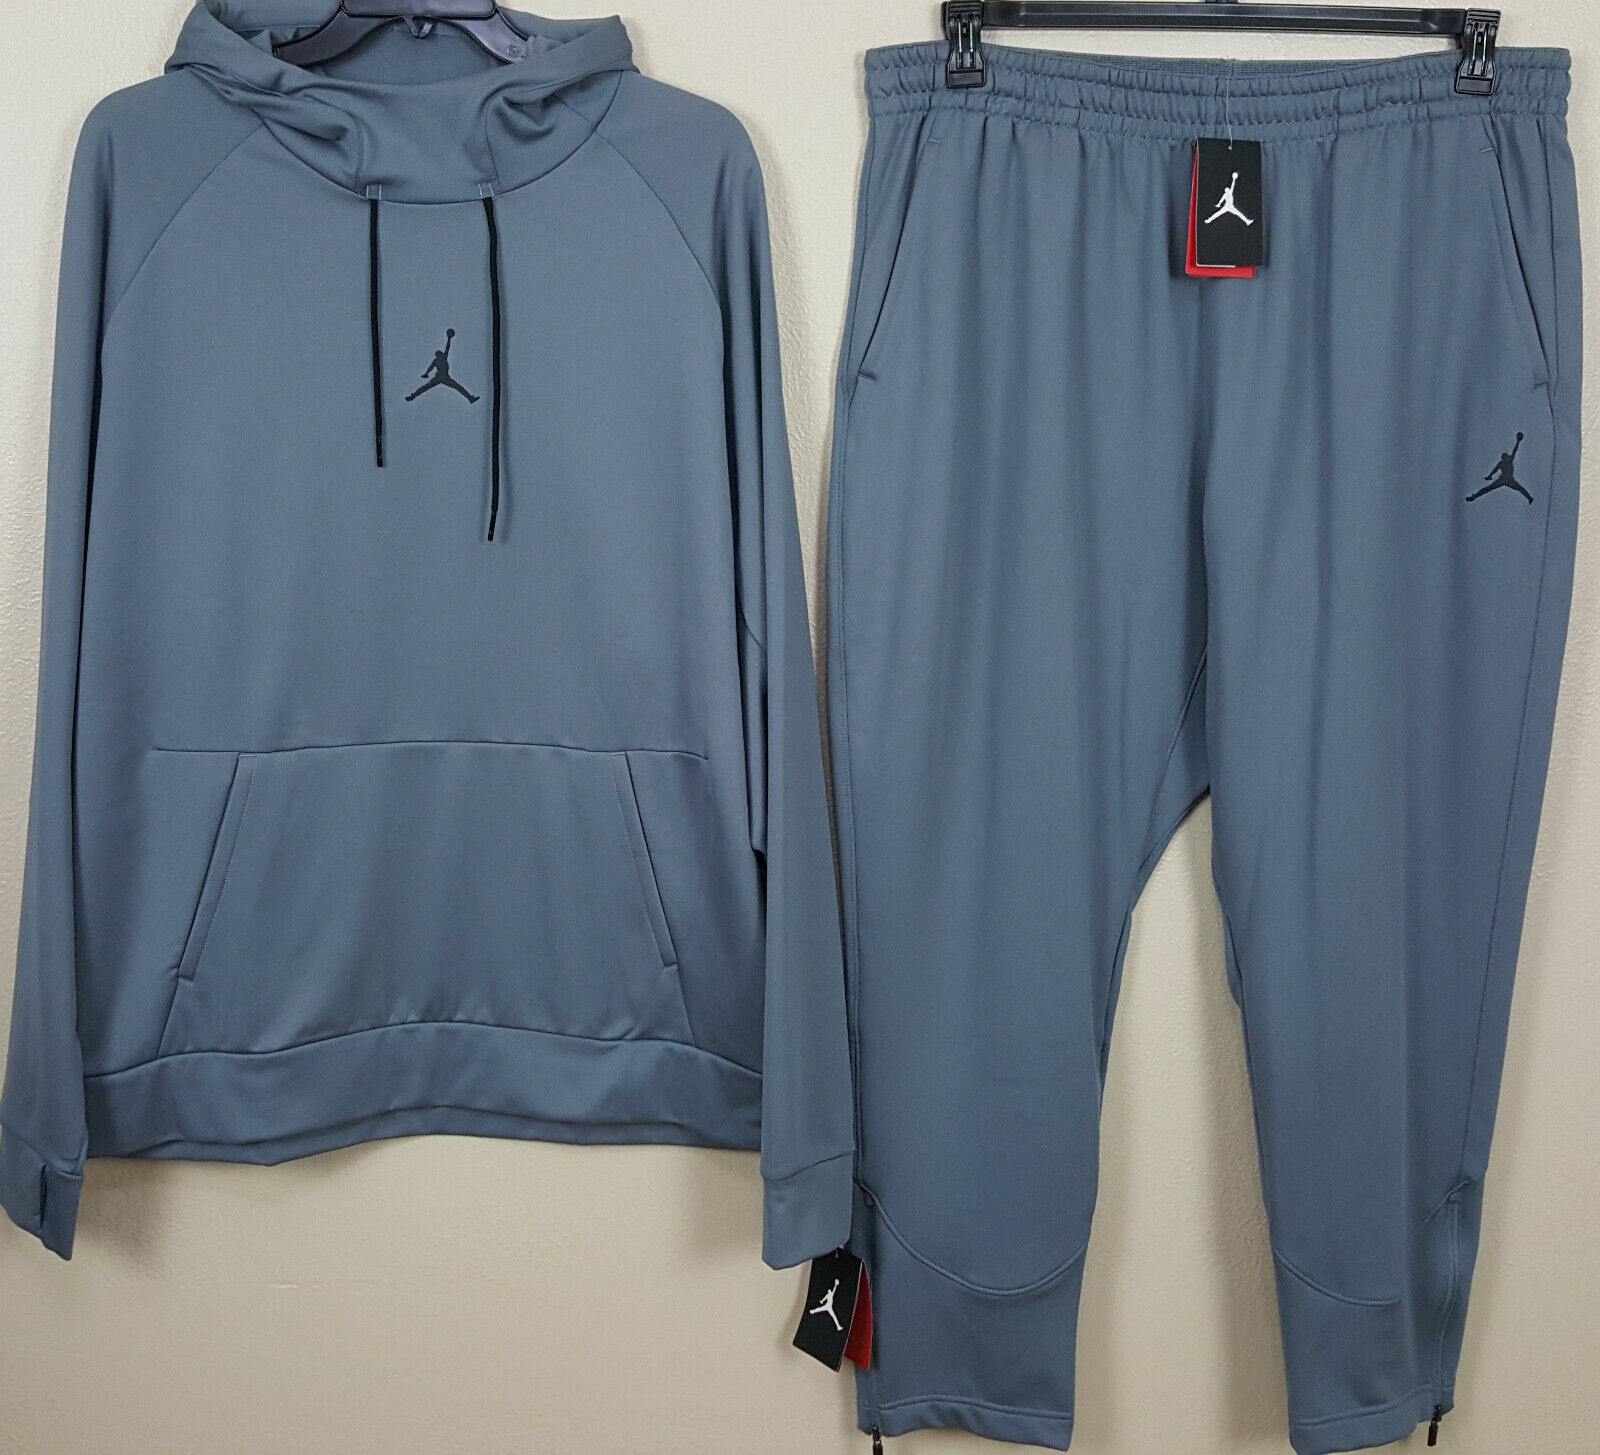 Nike Air Jordan XI Concord Sweatsuit